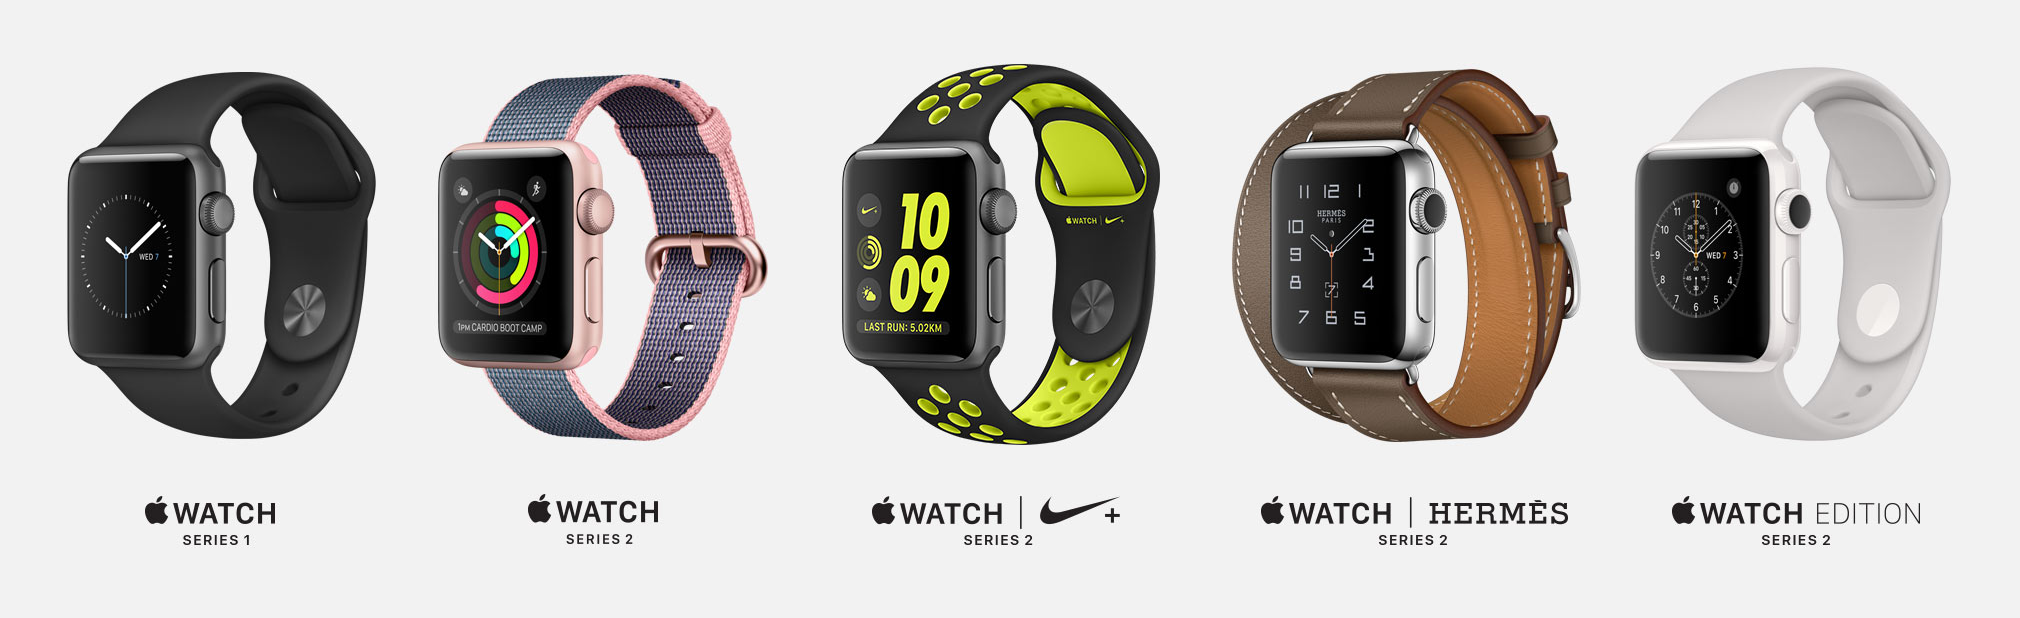 apple-watch-series-2-models